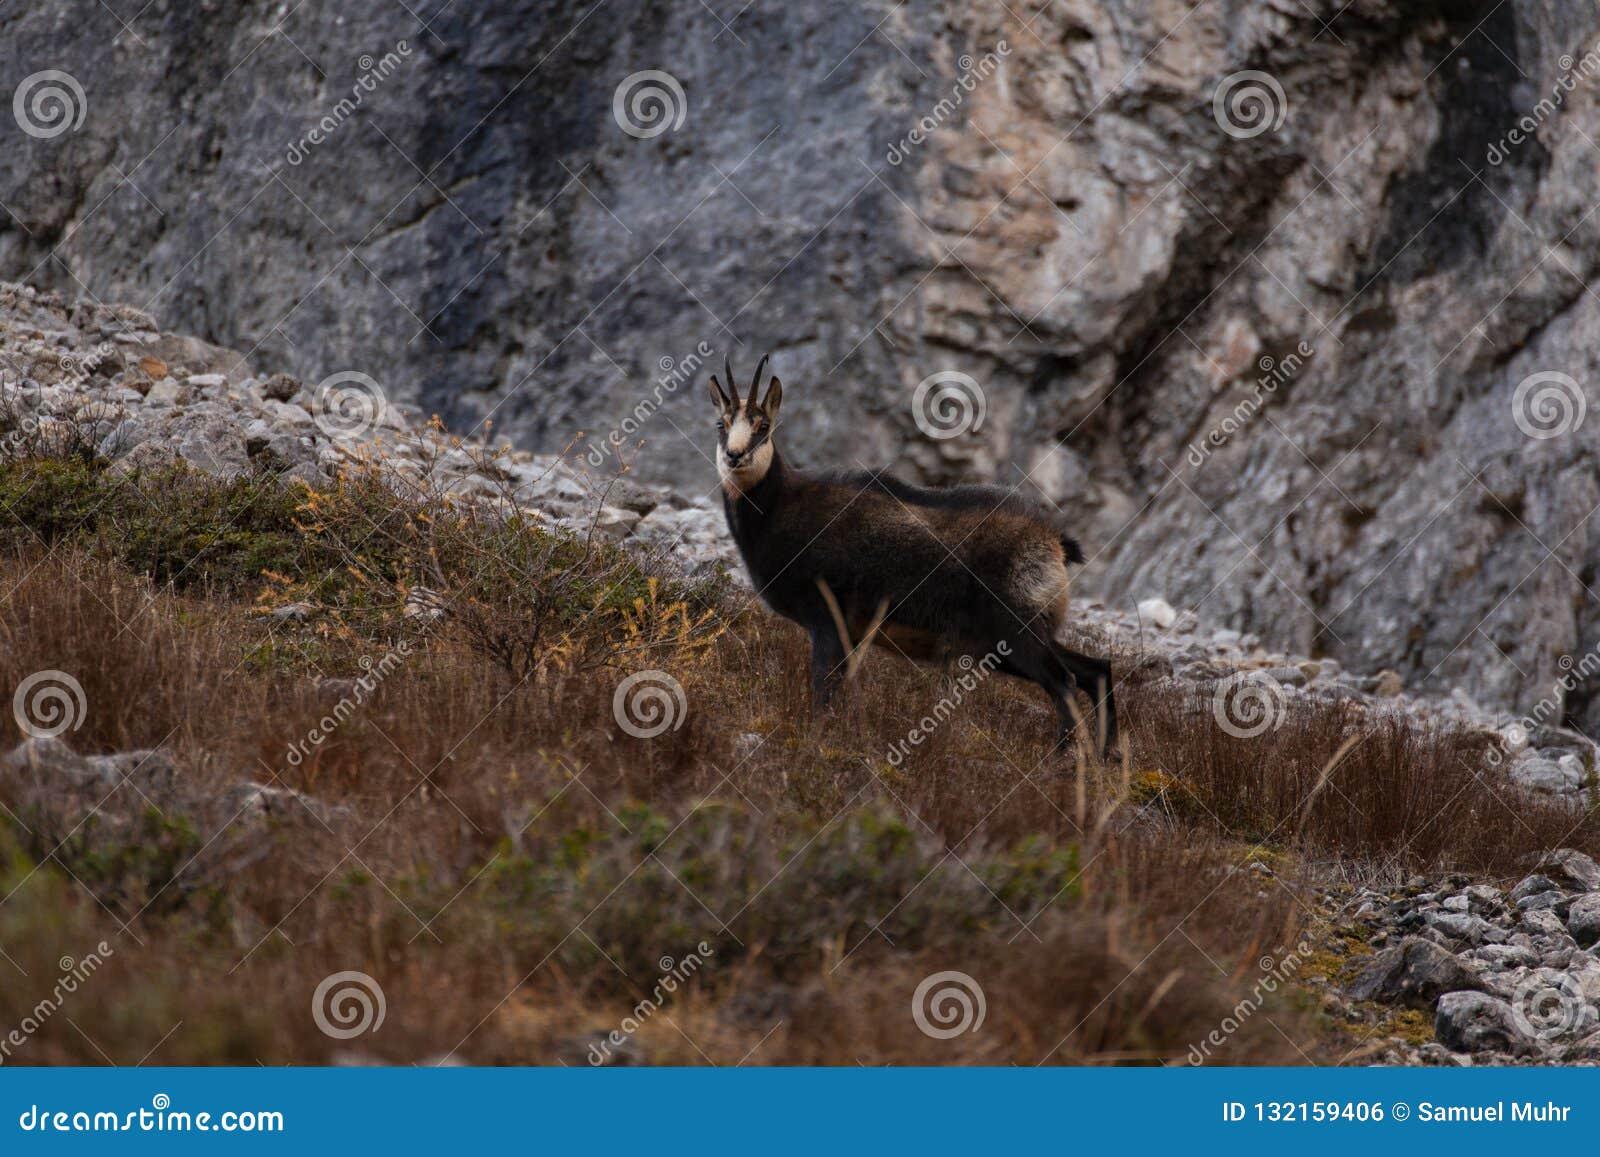 Wild Chamois/Mountain Goat in Austria